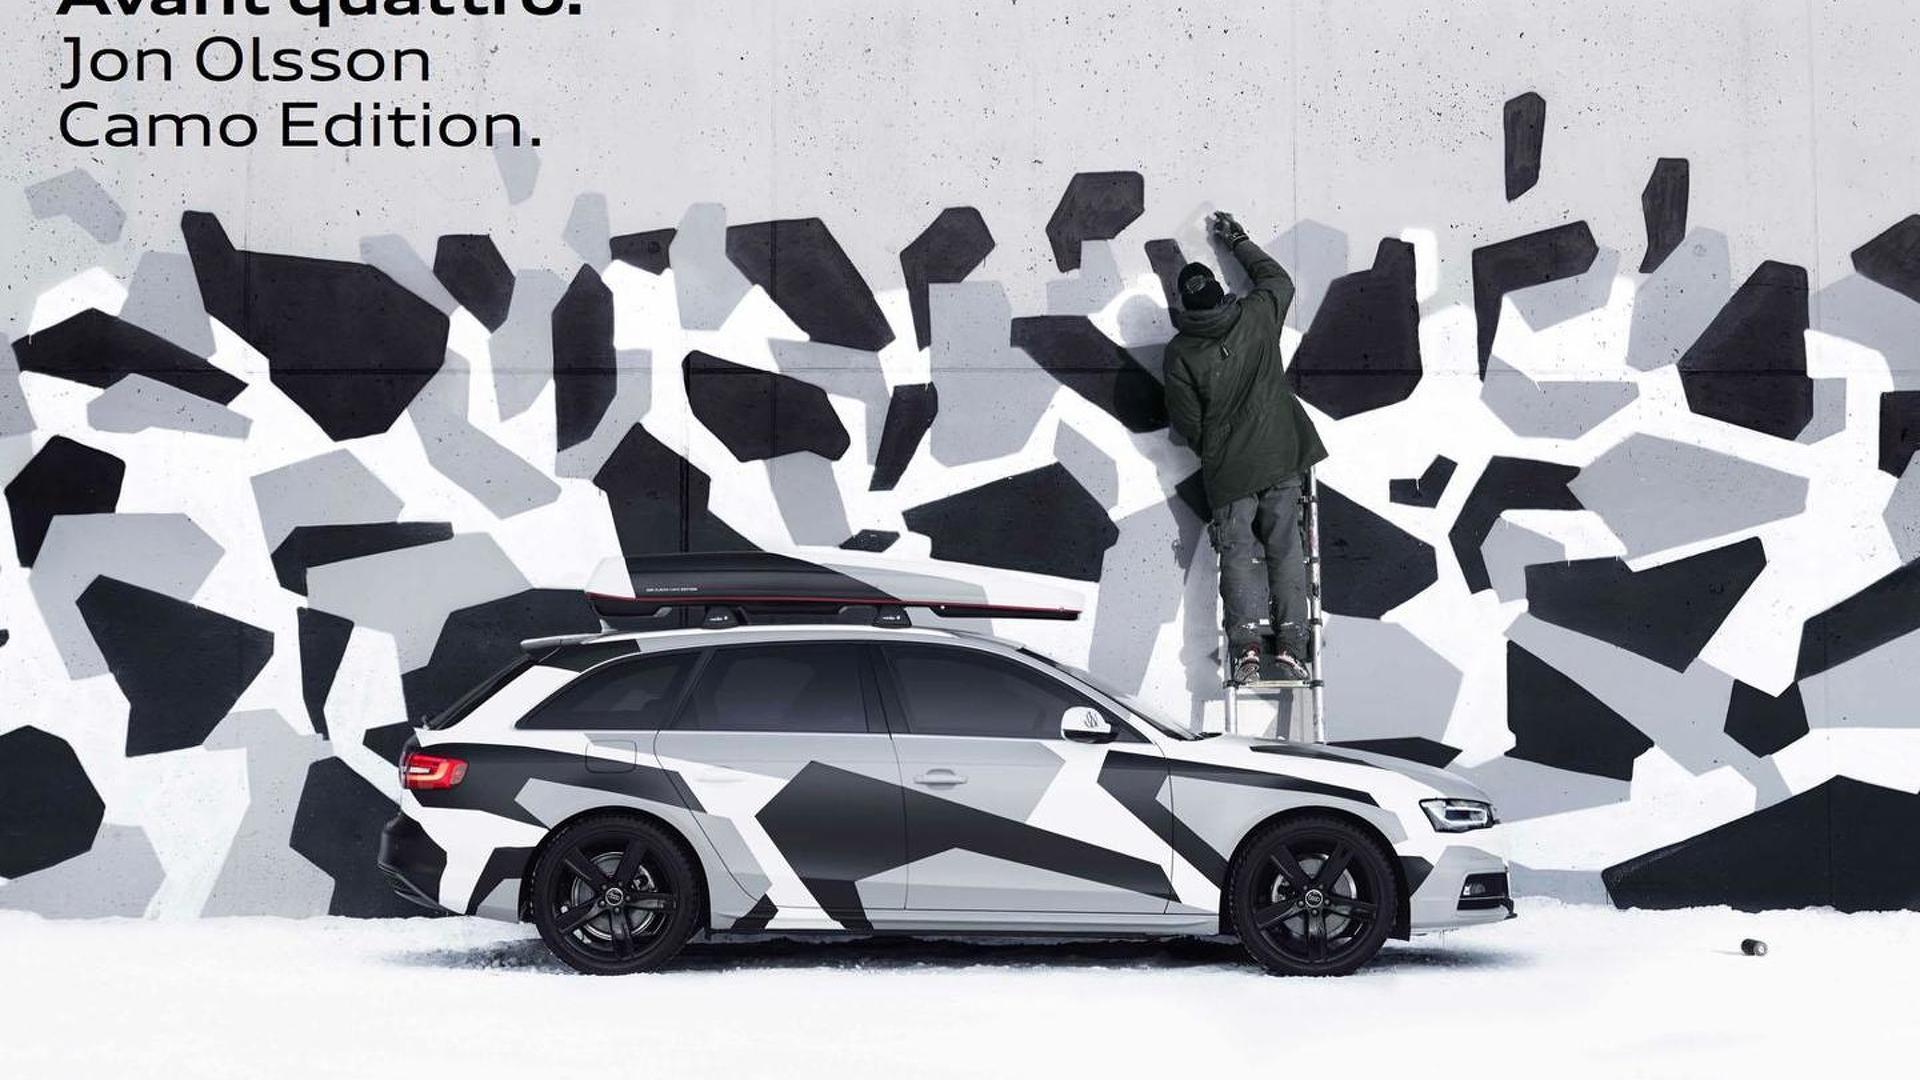 Audi A4 Avant Jon Olsson Camo Edition announced